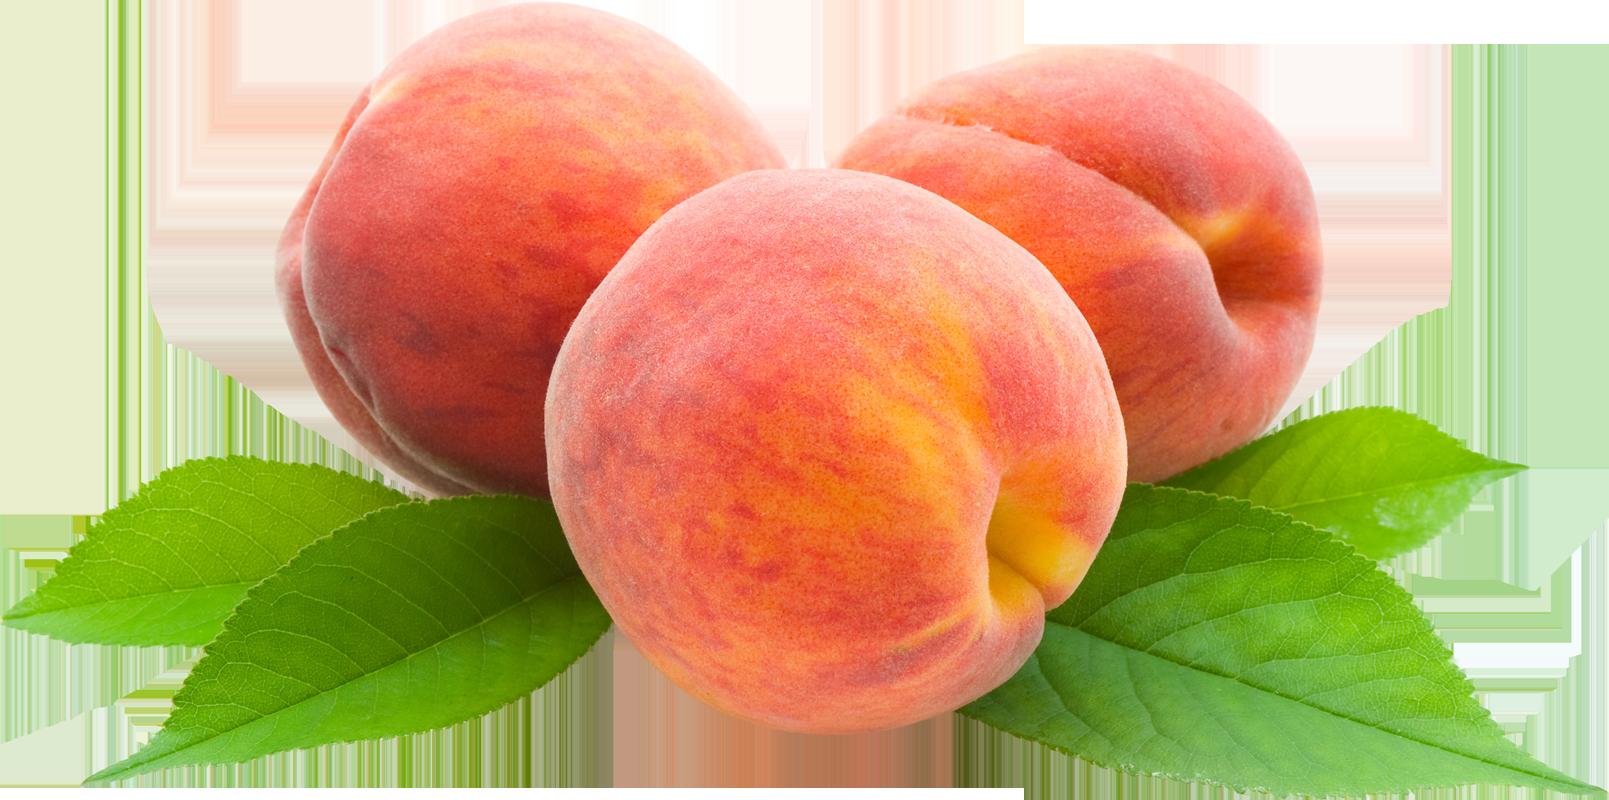 Персик в картинках для детей, неграми